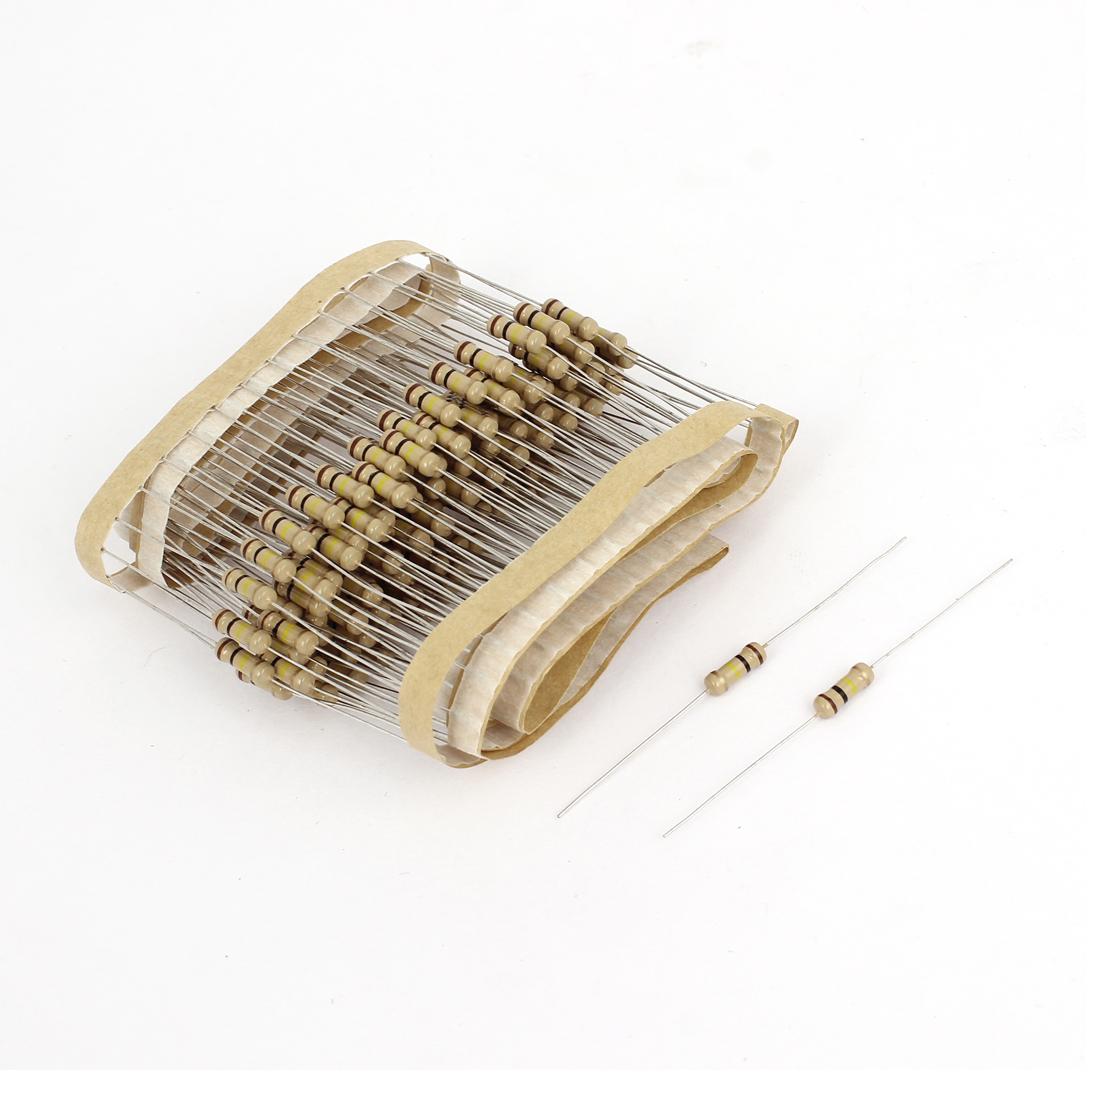 150 Pcs 100K Ohm 1/2W 5% Tolerance Axial Carbon Film Fixed Resistors